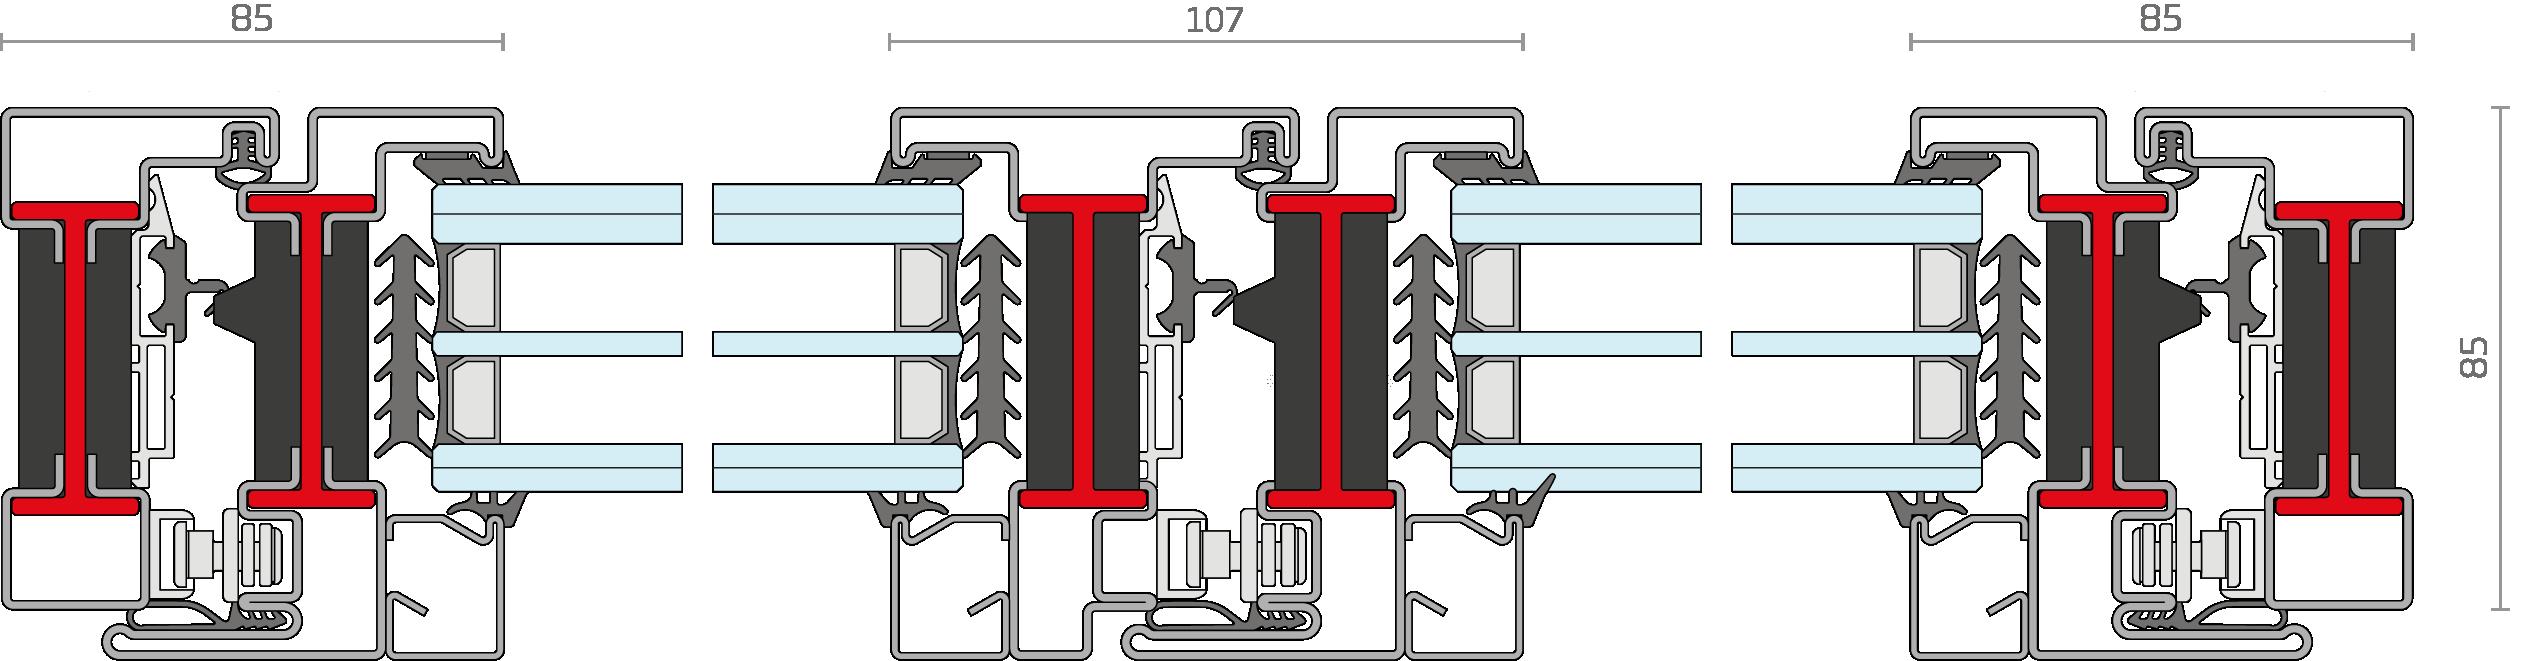 EBE 85_F-AR h